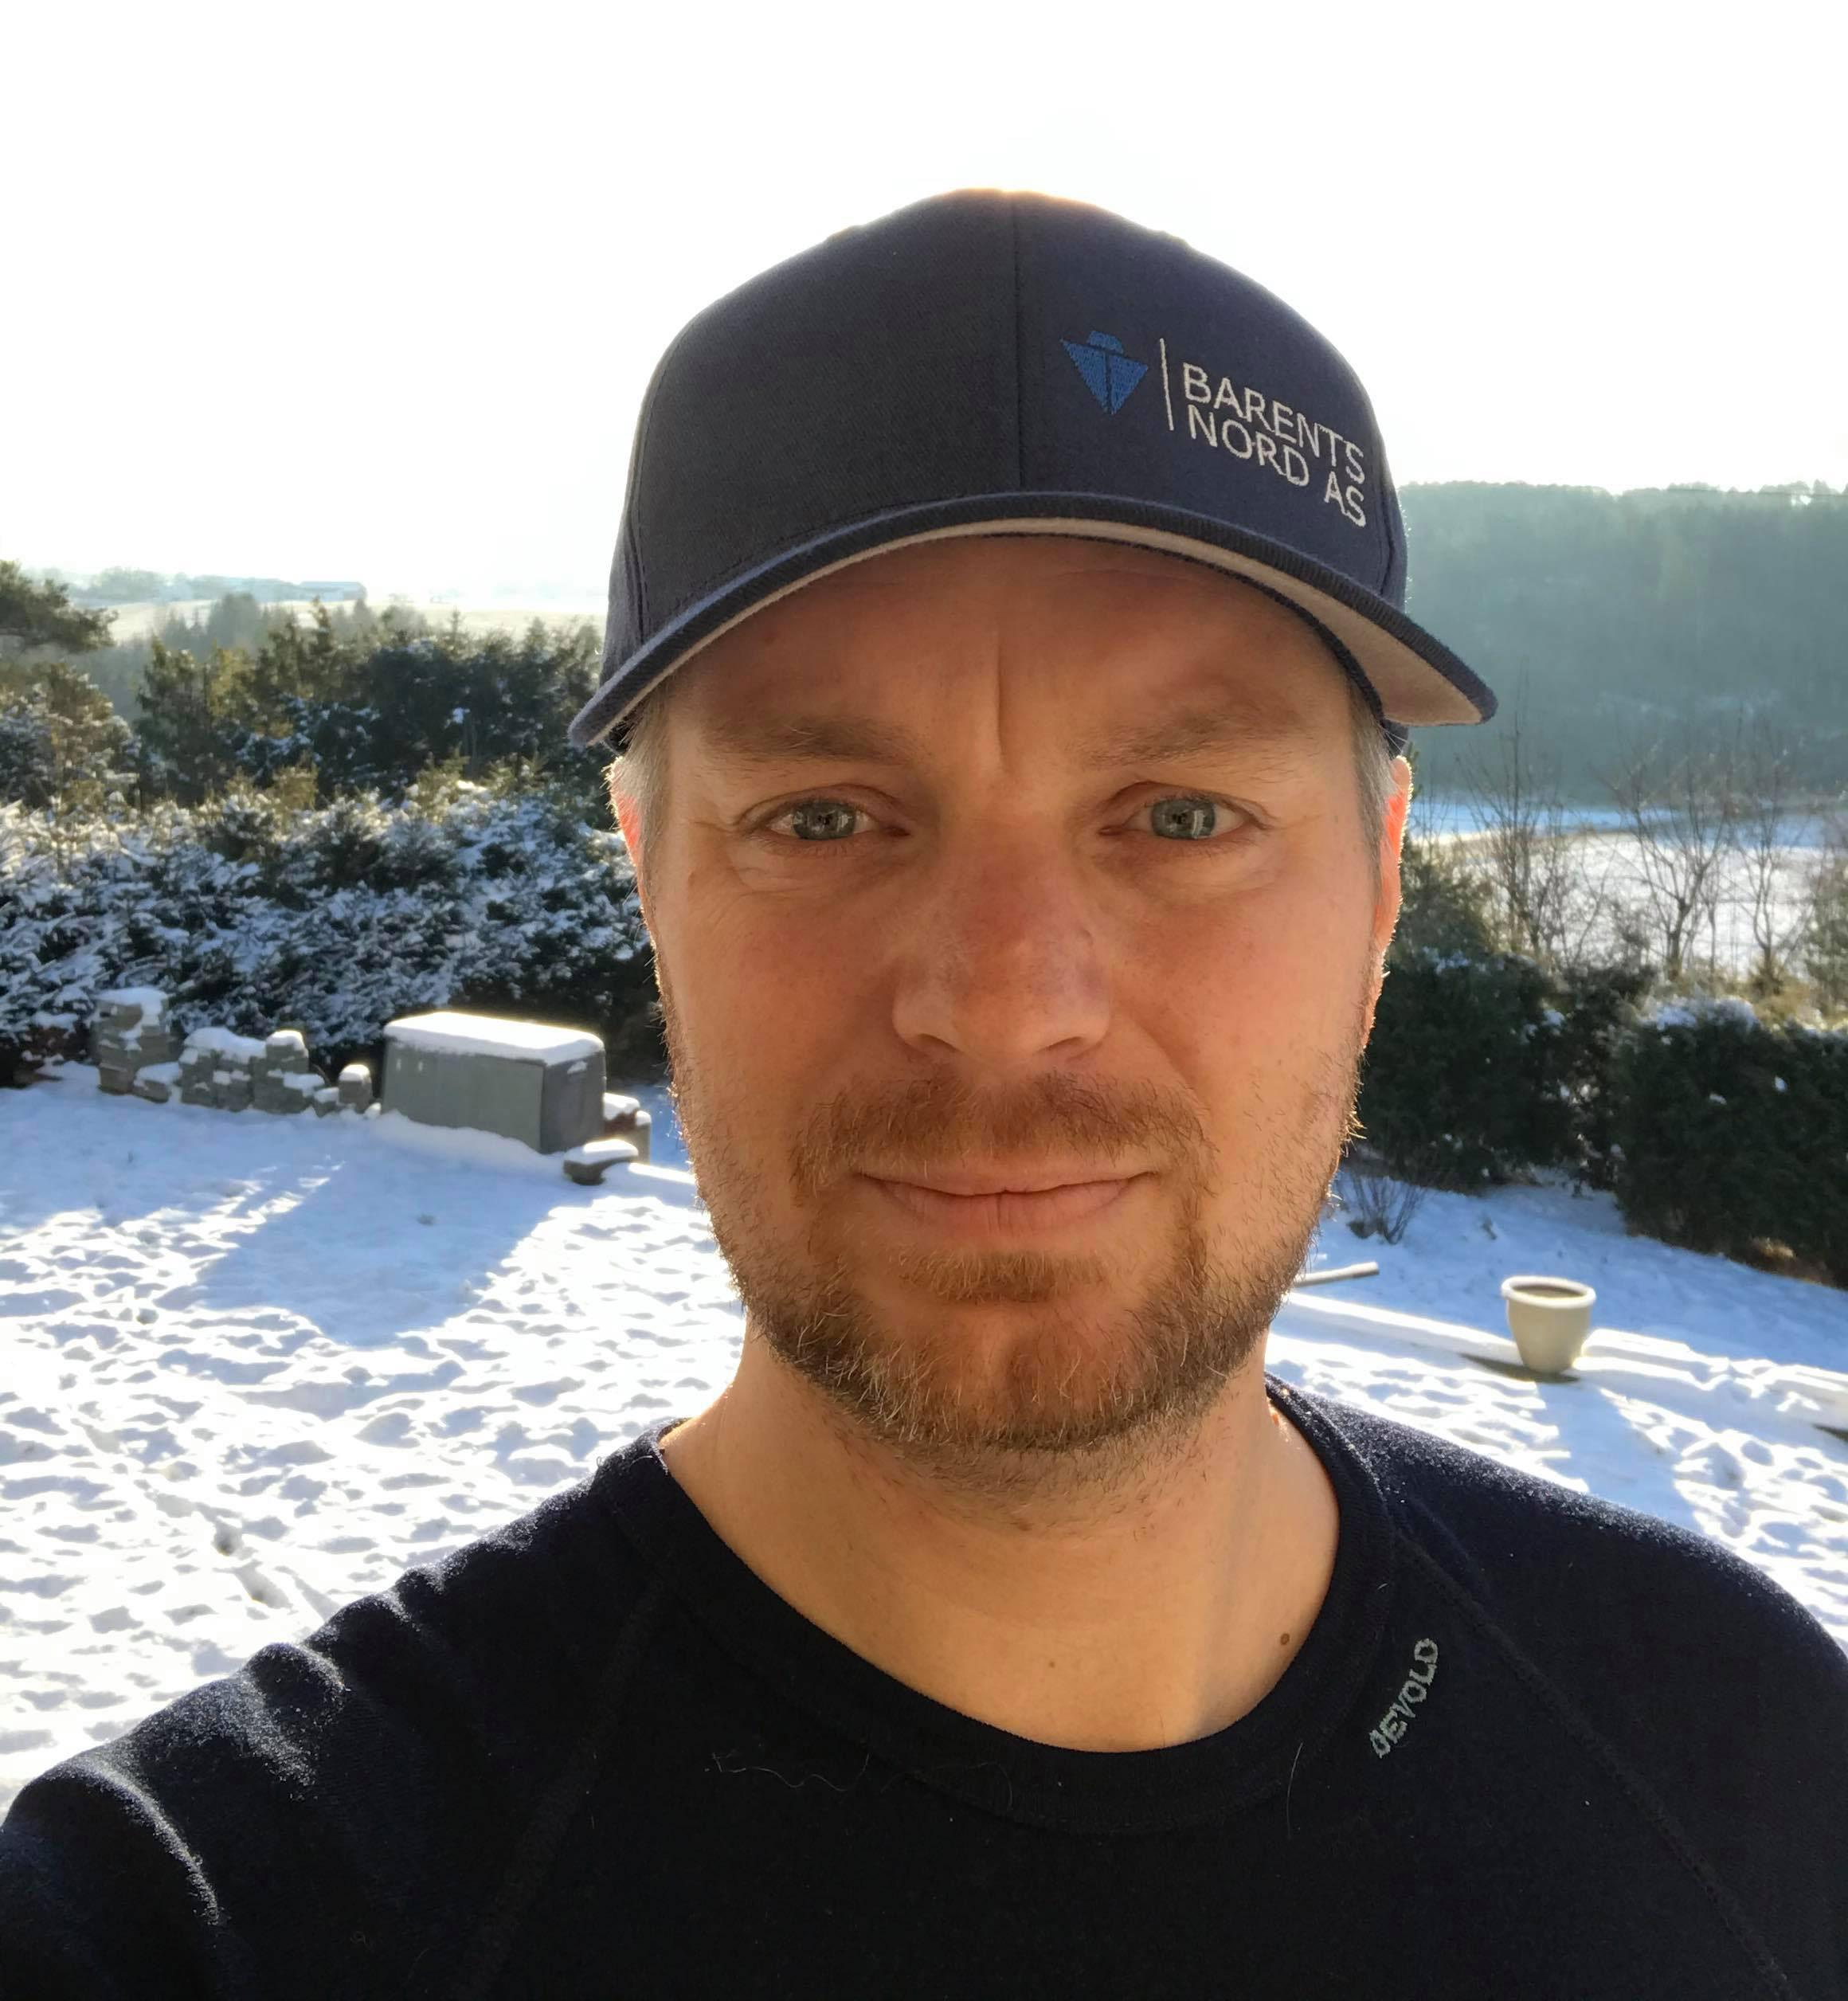 Gjermund Hansen fikk utlevert sin Model 3 den 16. desember, og fikk problemer med varmepumpen etter kort tid.